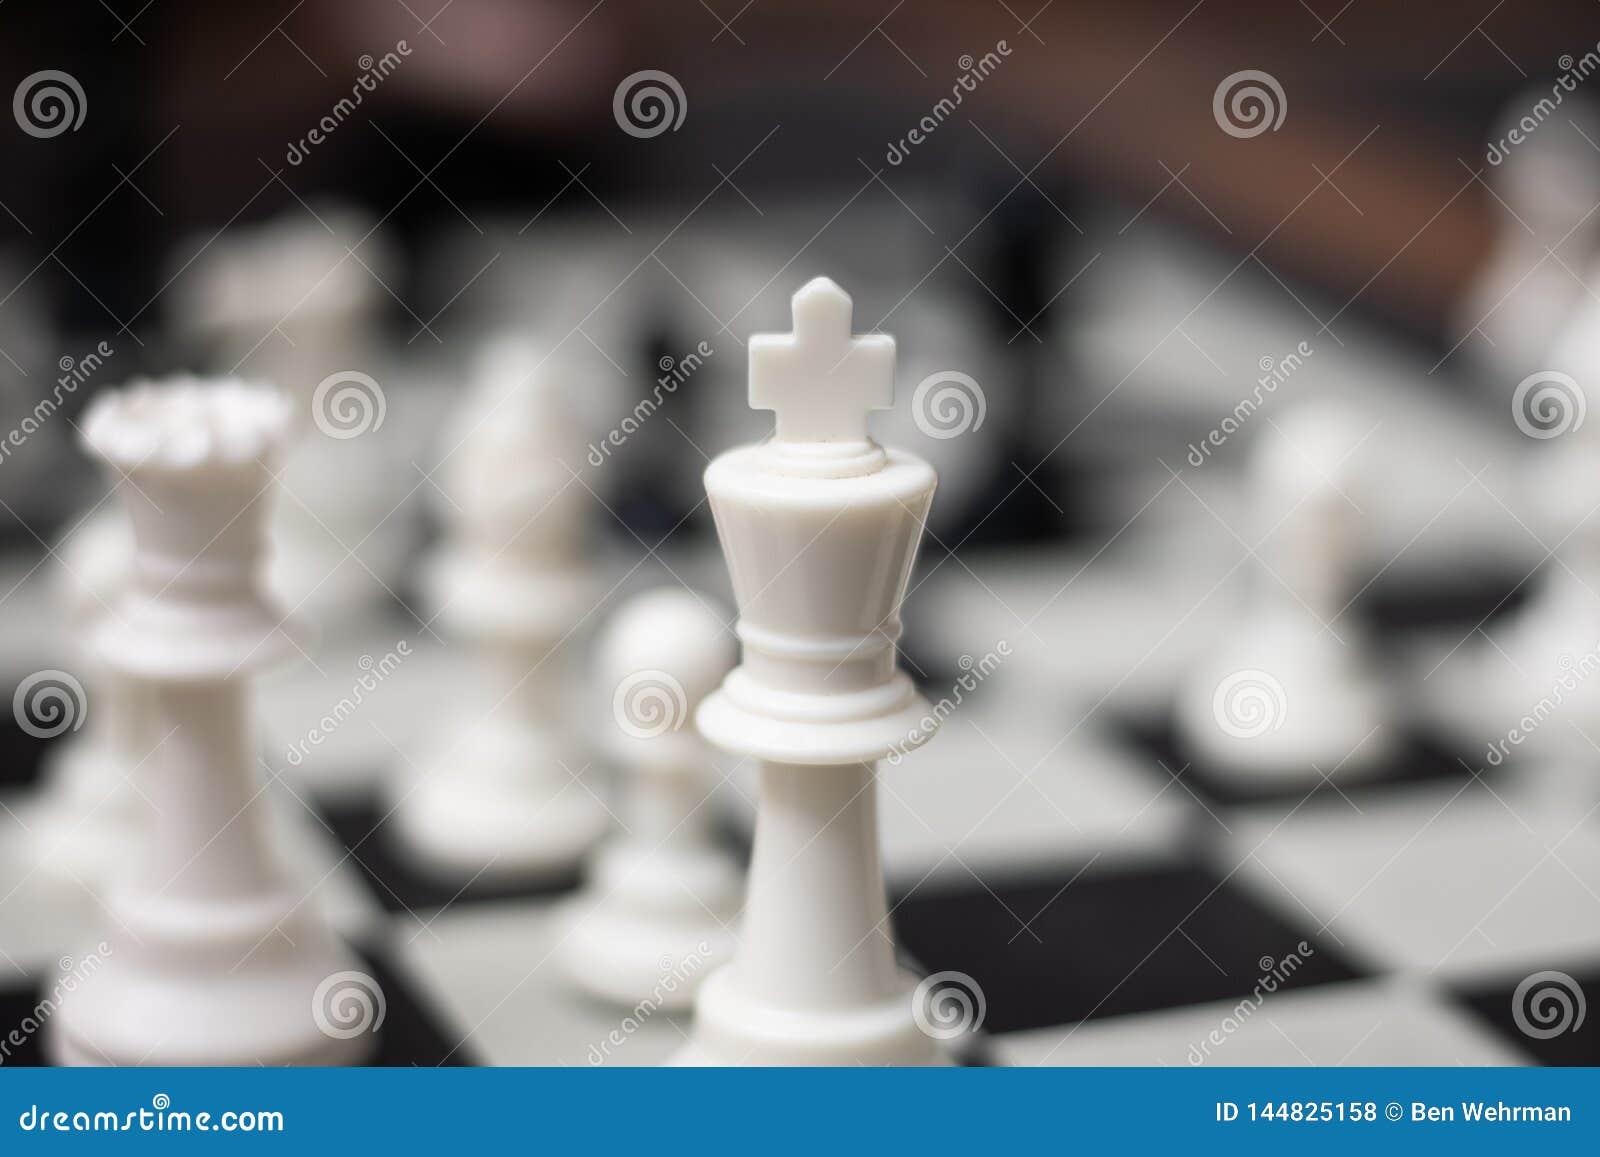 König Chess Game Piece